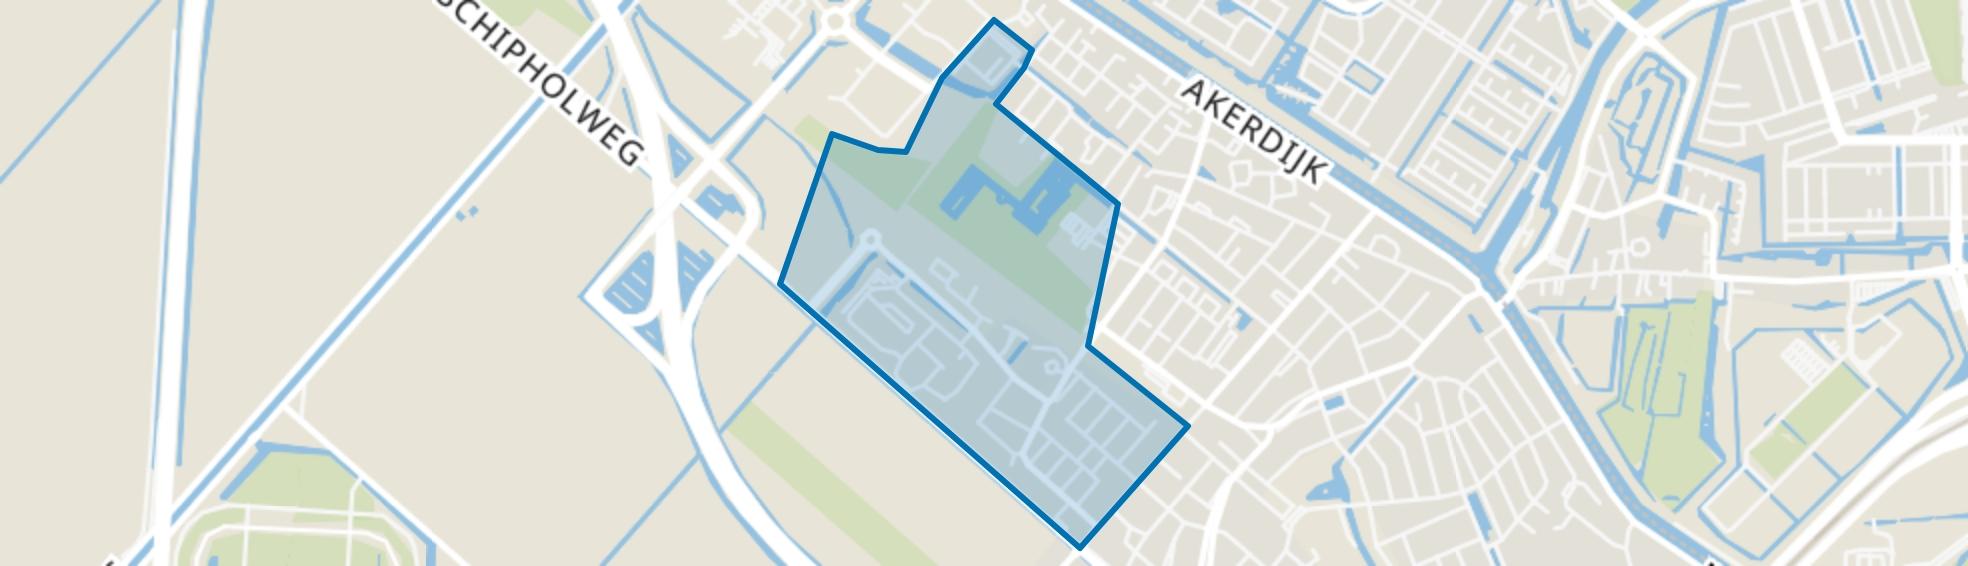 Badhoevedorp Bouwlust, Badhoevedorp map